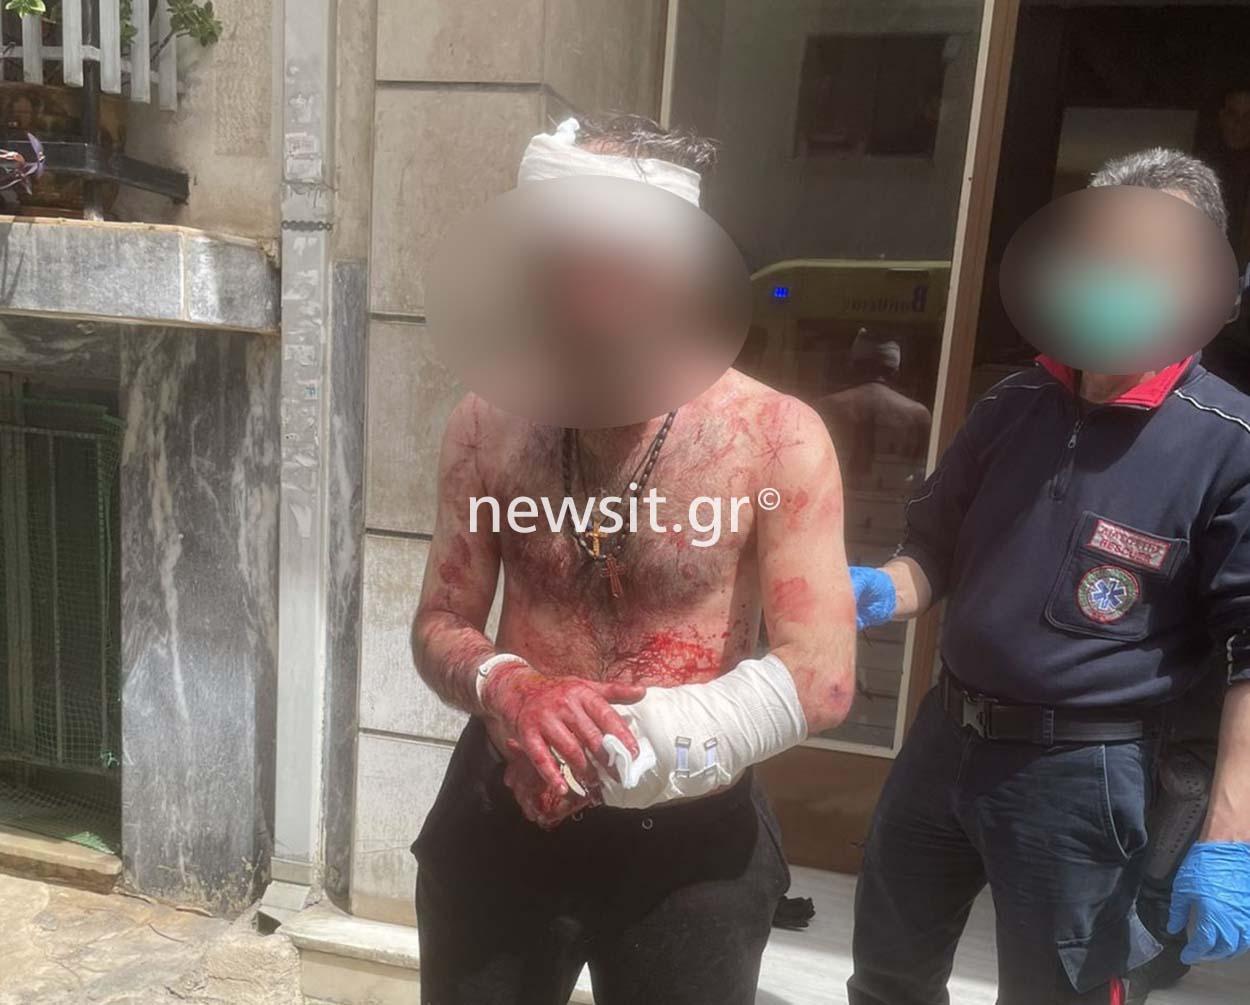 Απίστευτο περιστατικό στα Πατήσια! Μαχαίρωσε τον αδερφό του, αυτοτραυματίστηκε και επιτέθηκε σε αστυνομικό